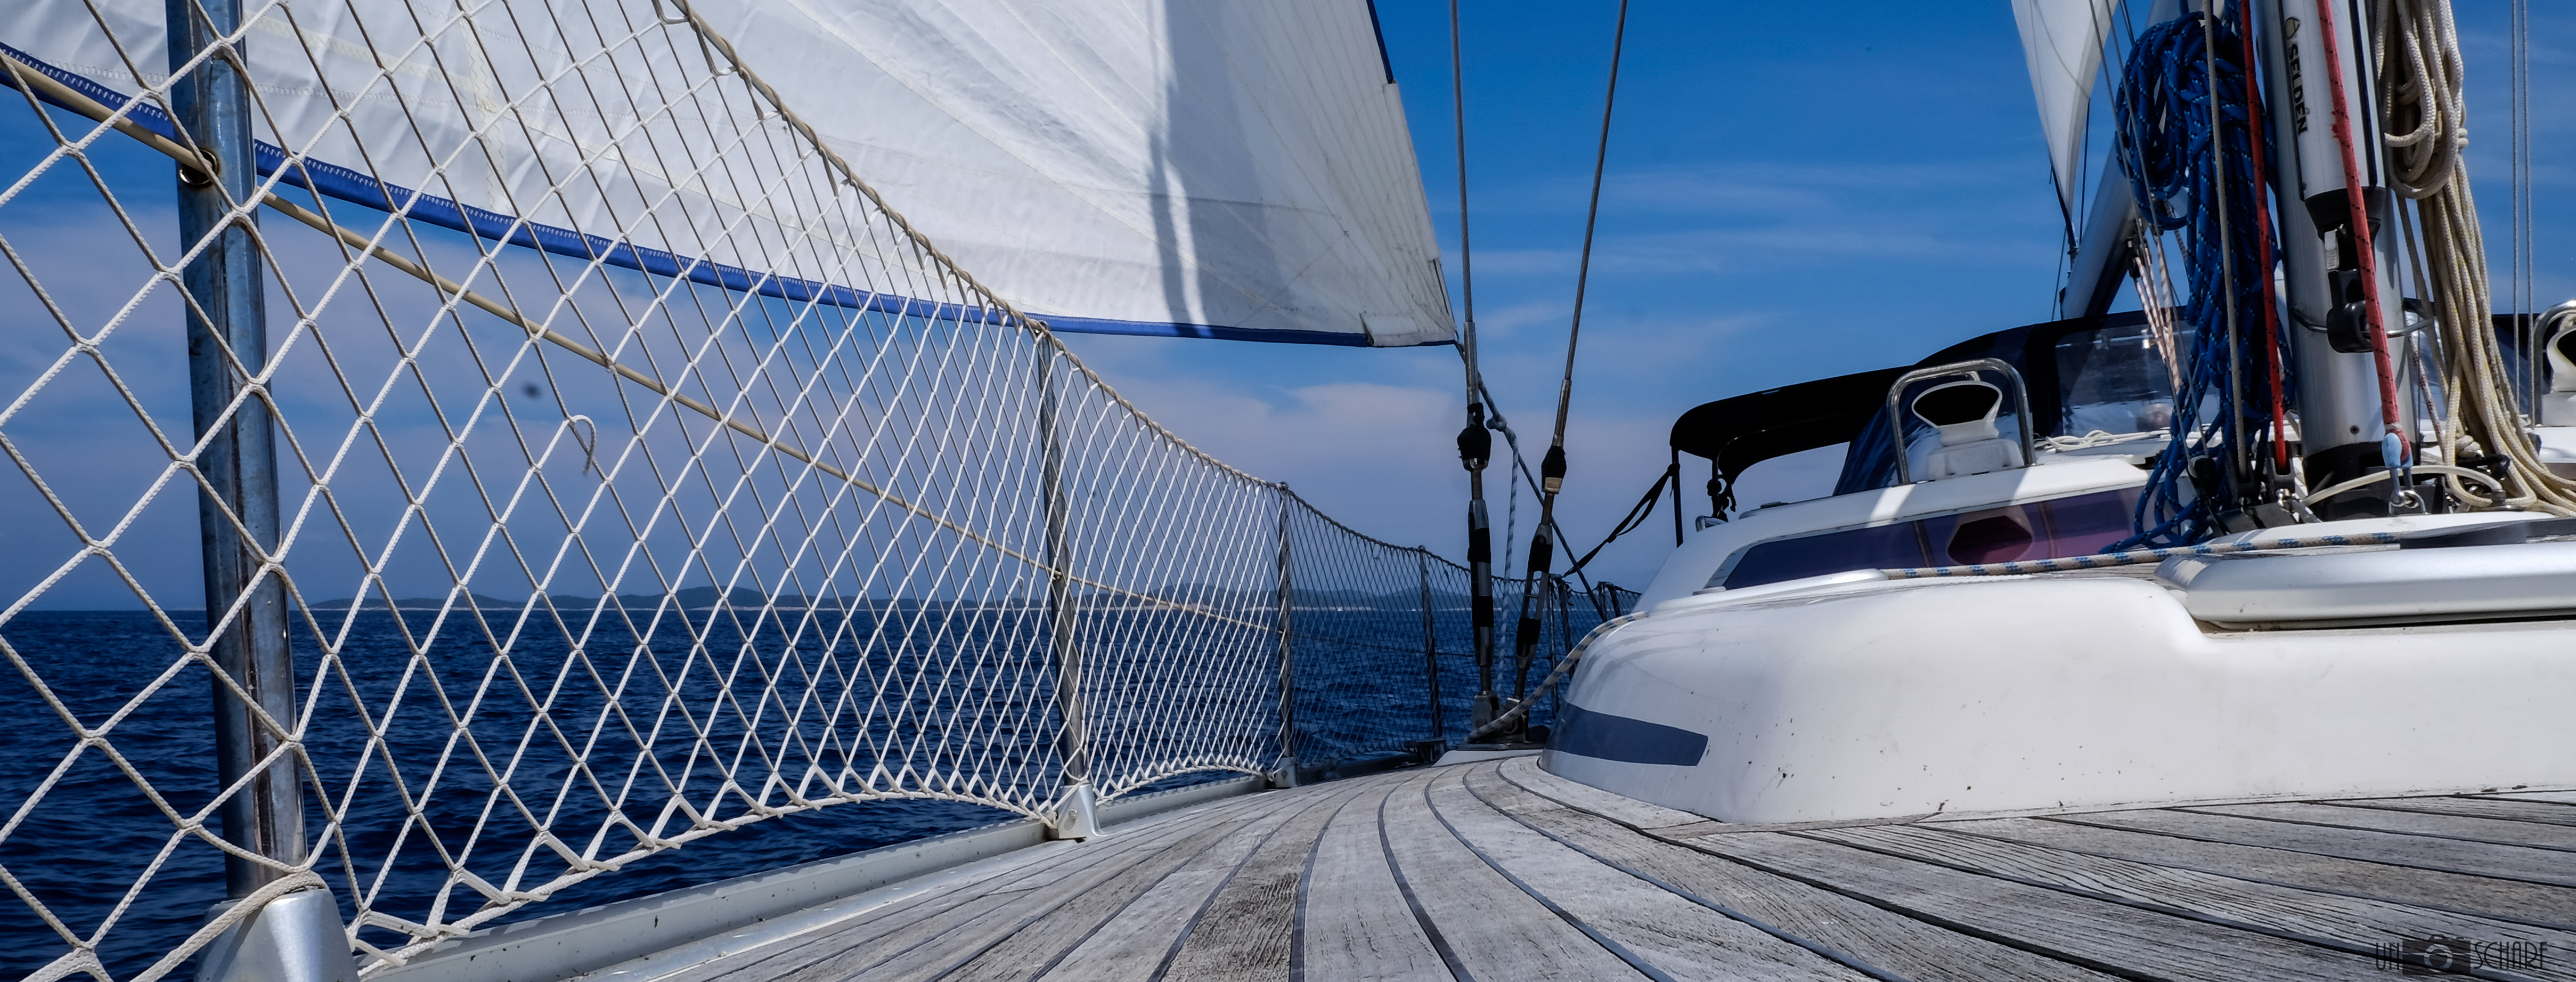 Sailing in Crotia